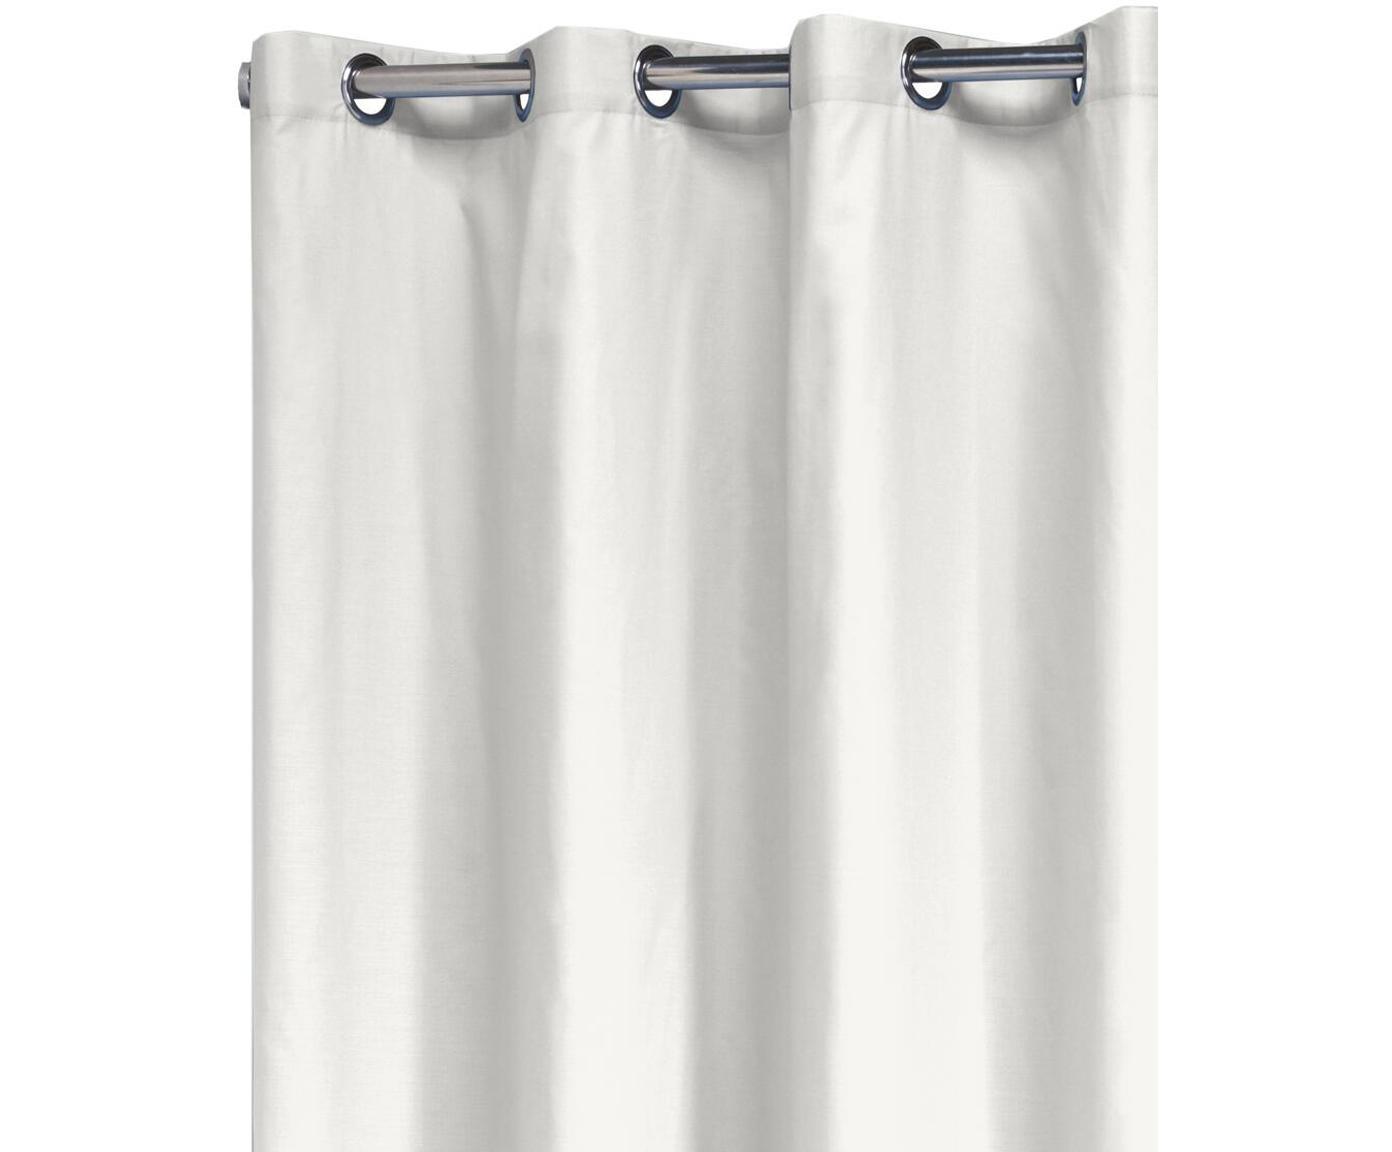 Douchegordijn Coloris van katoenen mix., 67% polyester, 33% katoen Waterafstotend, niet waterdicht, Gebroken wit, 180 x 200 cm